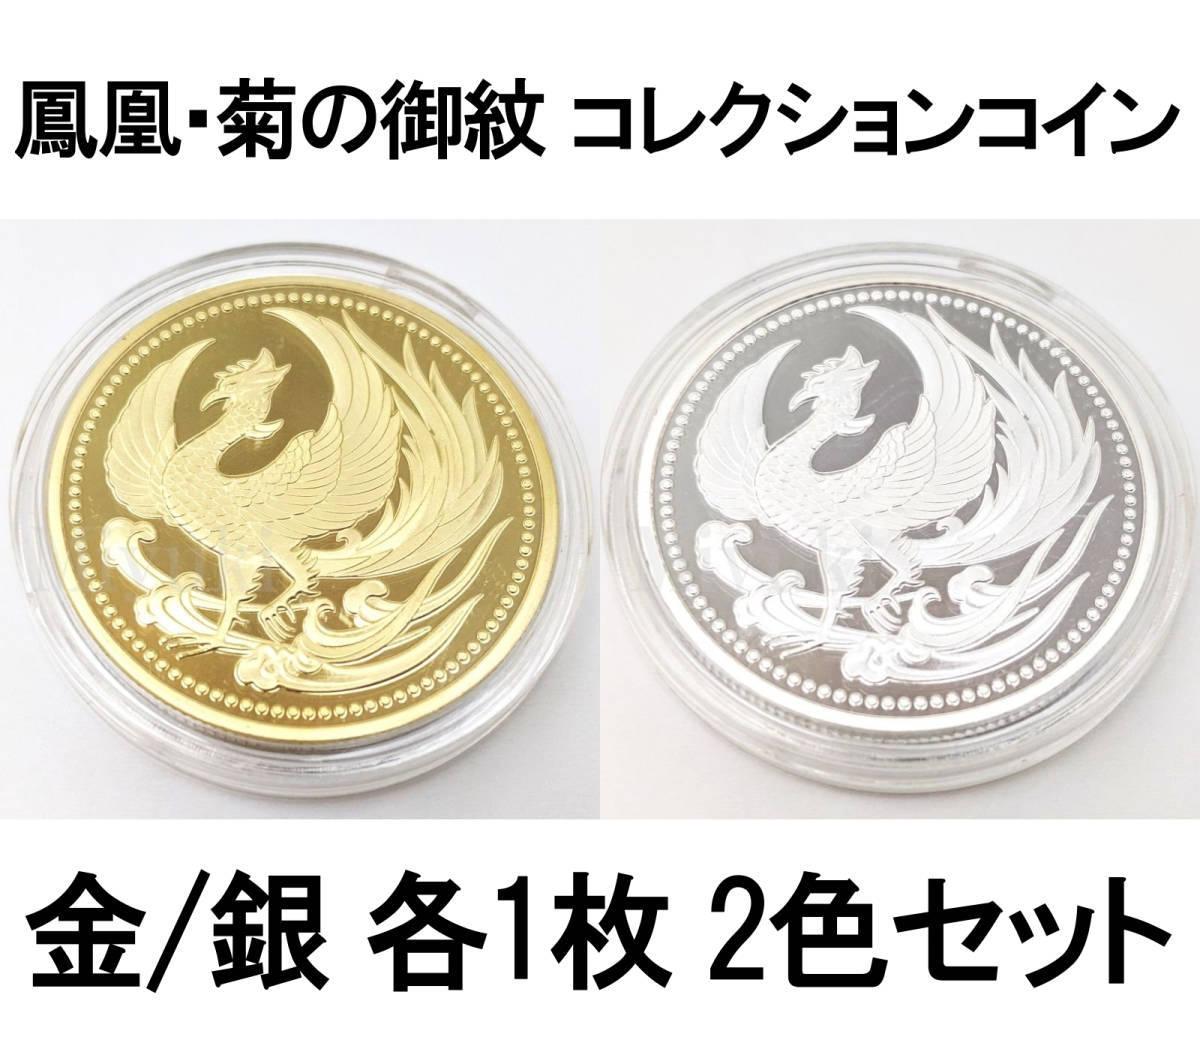 匿名配送 鳳凰 菊の御紋 コイン メダル 2色セット 40mm ゴールド シルバー 2個 金 銀 記念コイン コレクションコイン 菊紋 菊御紋_画像1